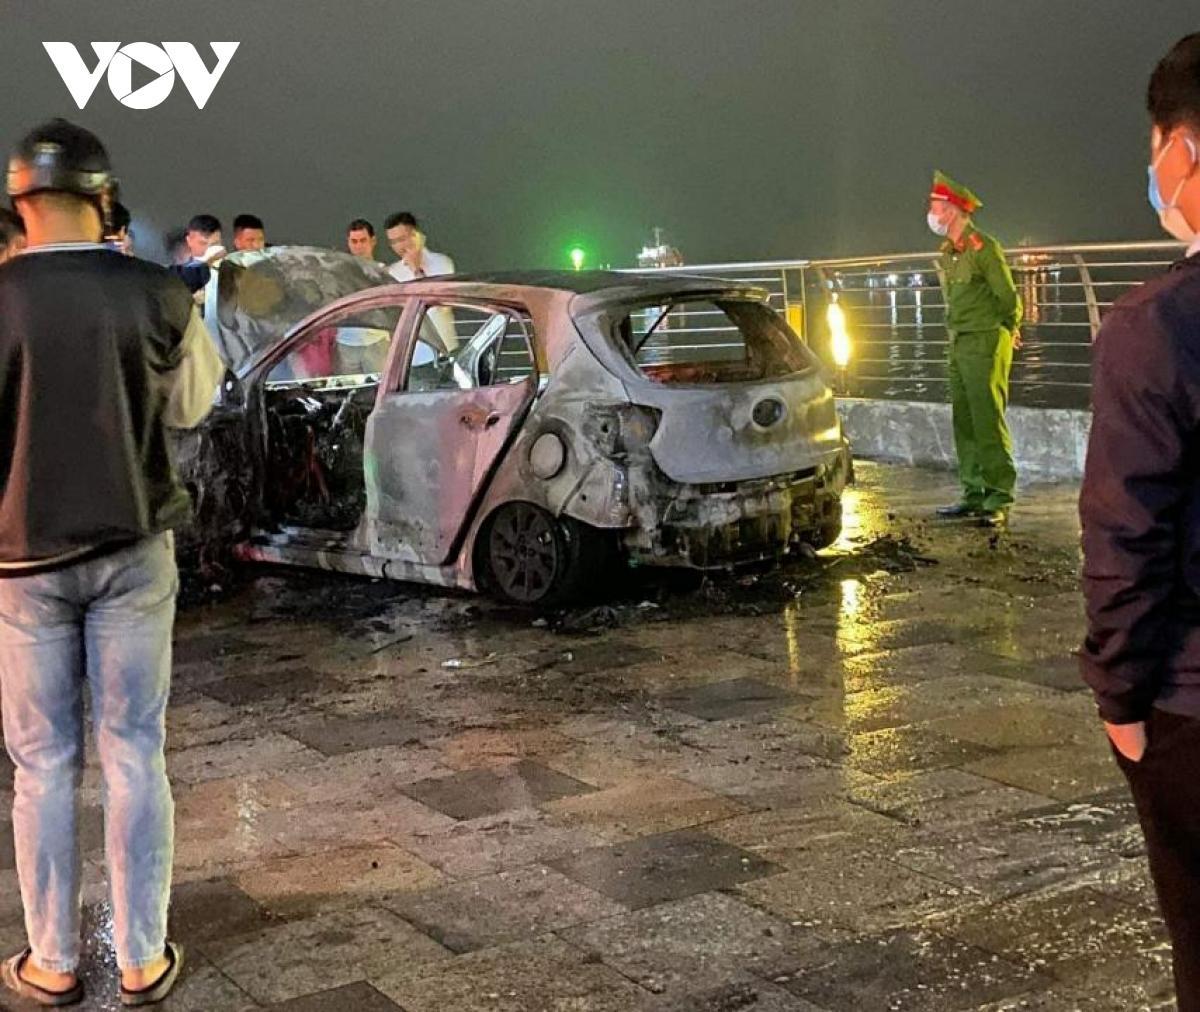 Xe ô tô 5 chỗ bất ngờ bốc cháy ở đường bao biển Quảng Ninh Ảnh 2